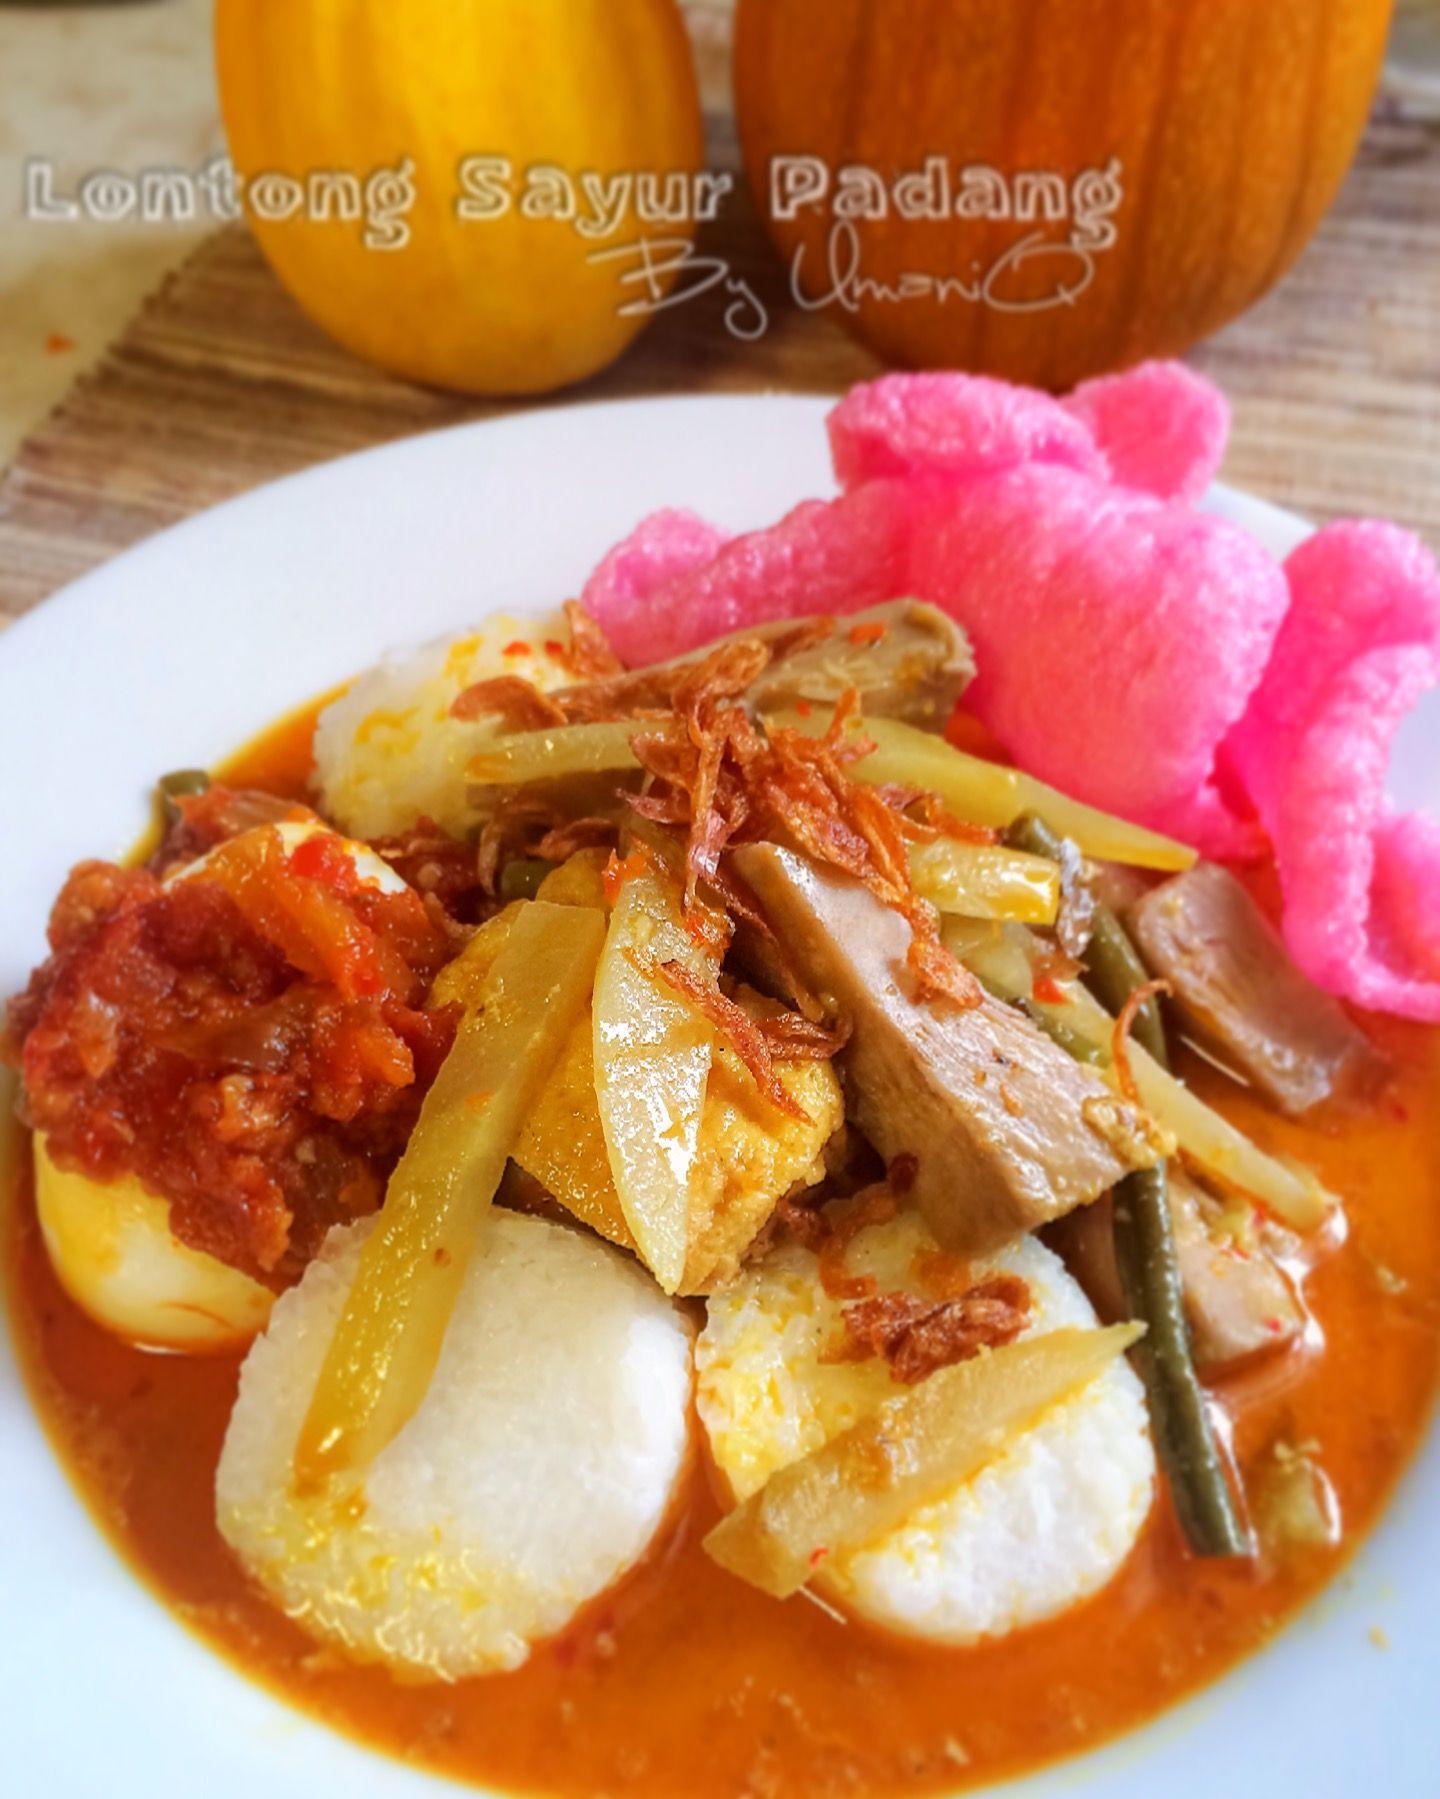 Lontong Sayur Padang Balado Telur Umaniq Indonesian Food In 2018 Kuliner  Pisang By Minar Production Bdg